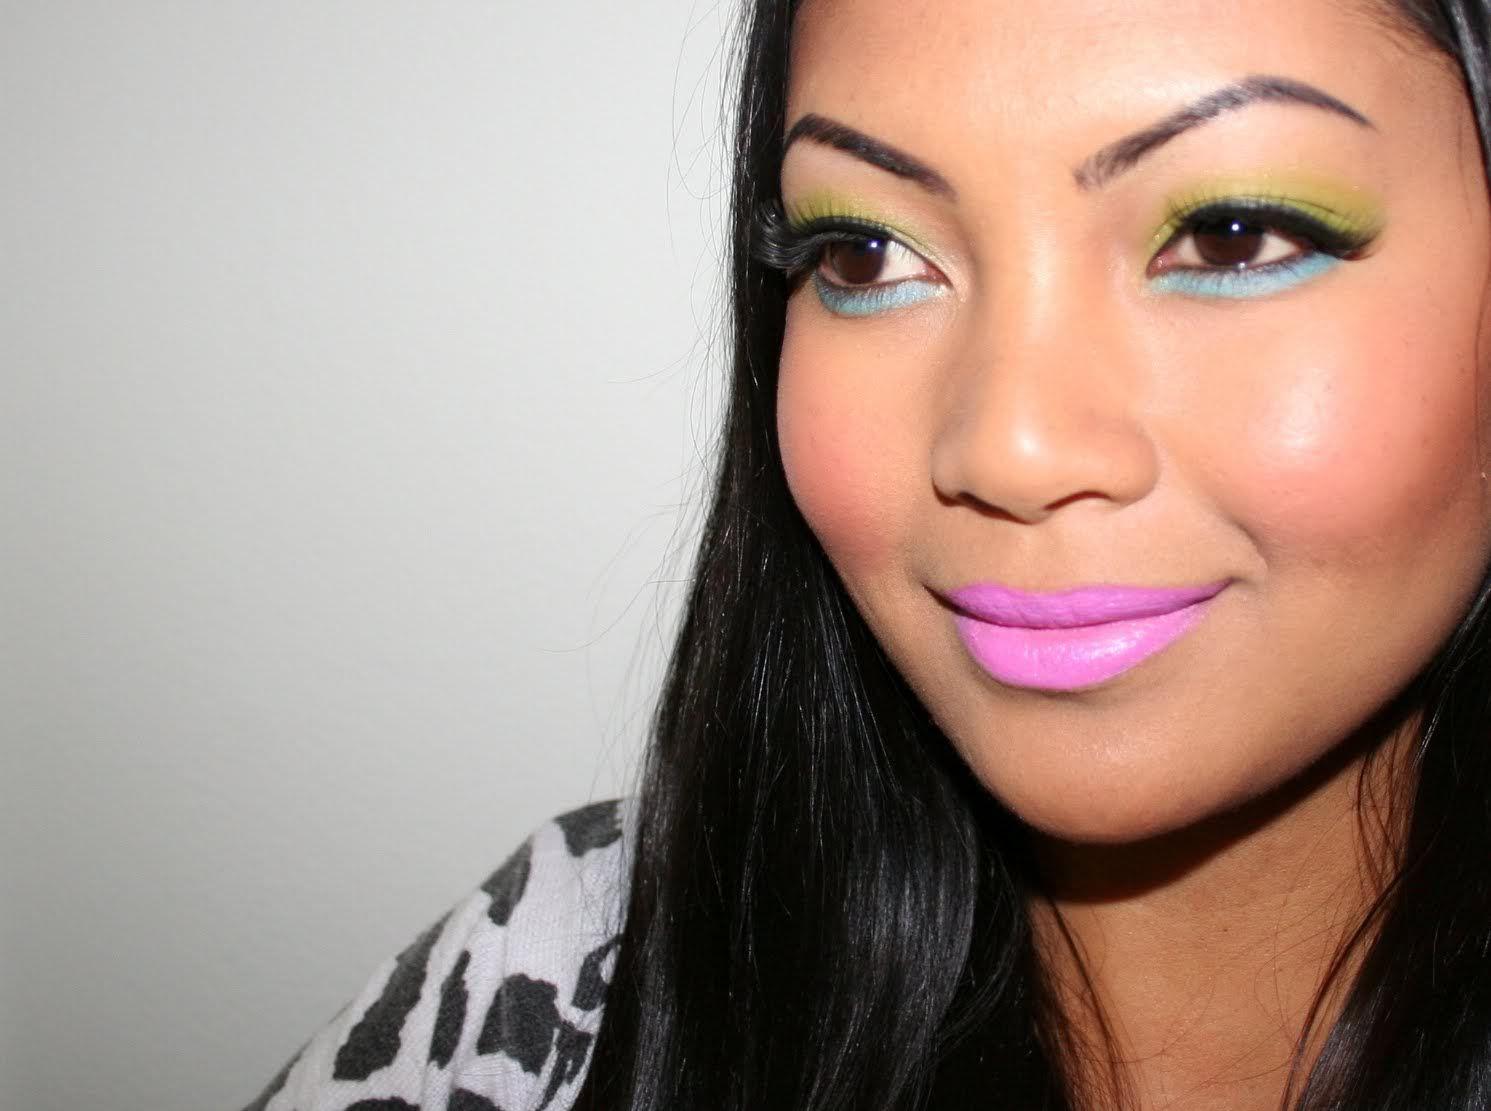 Face4Less Nicki Minaj MAC Viva Glam lipstick inspired